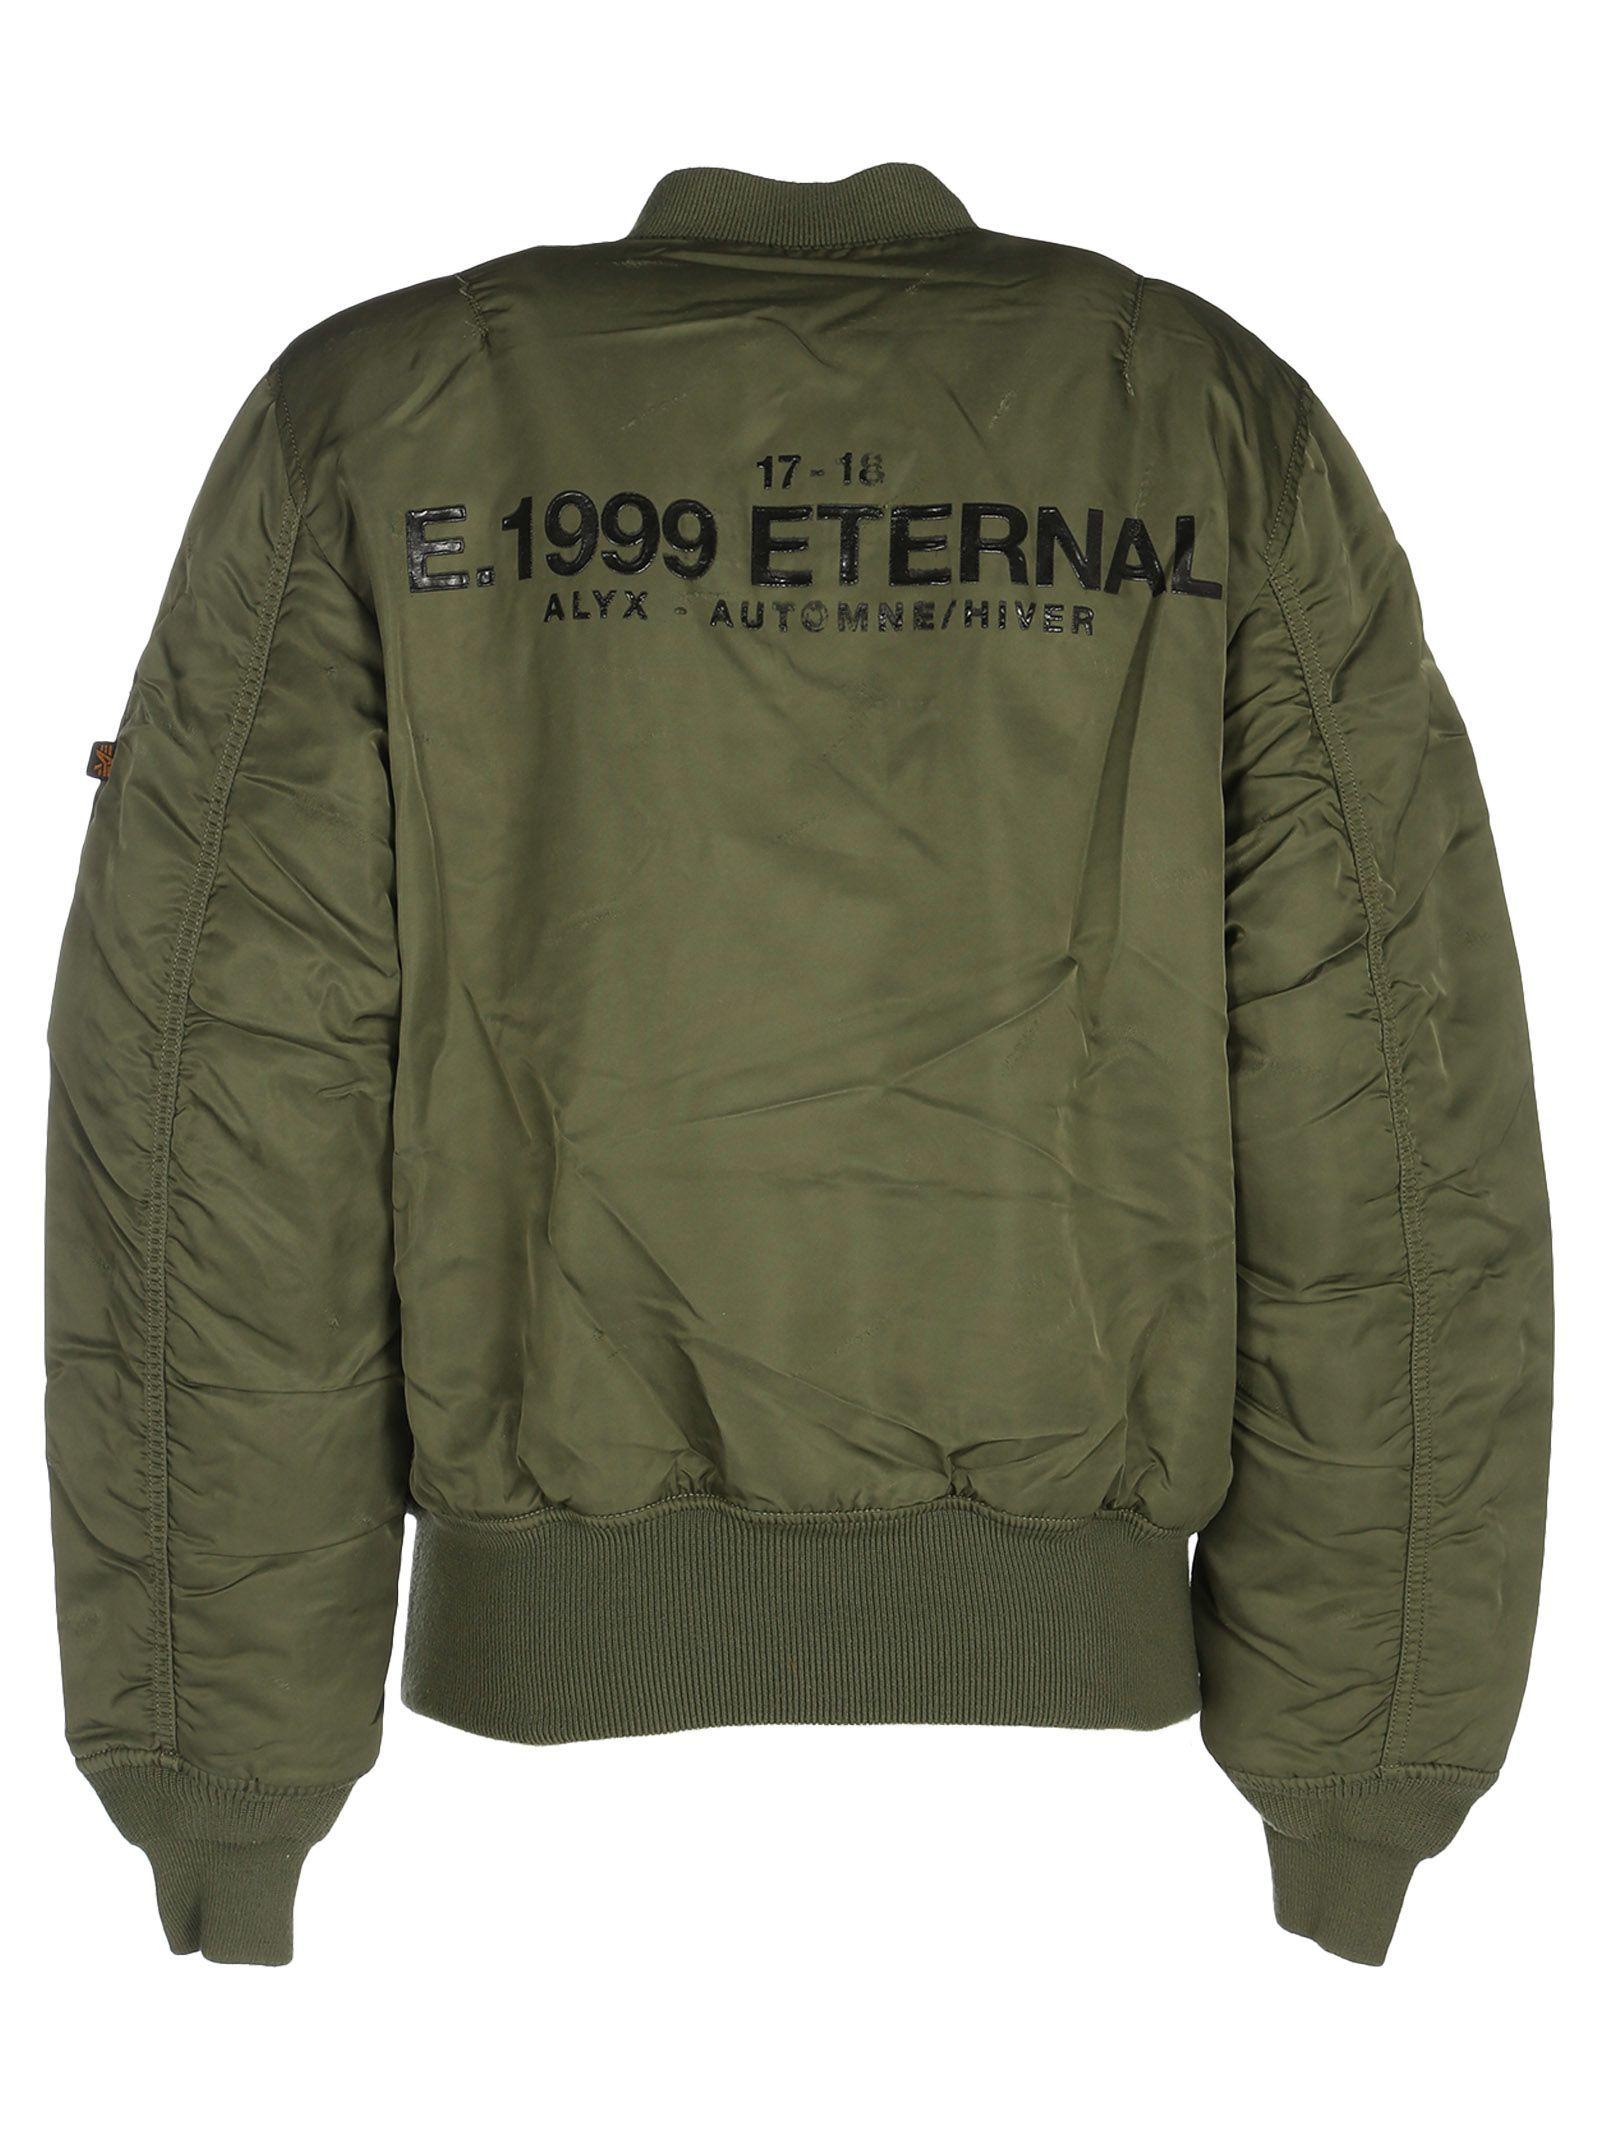 Alyx E 1999 Eternal Bomber Jacket In Green Modesens Bomber Jacket Jackets Bomber [ 2136 x 1600 Pixel ]